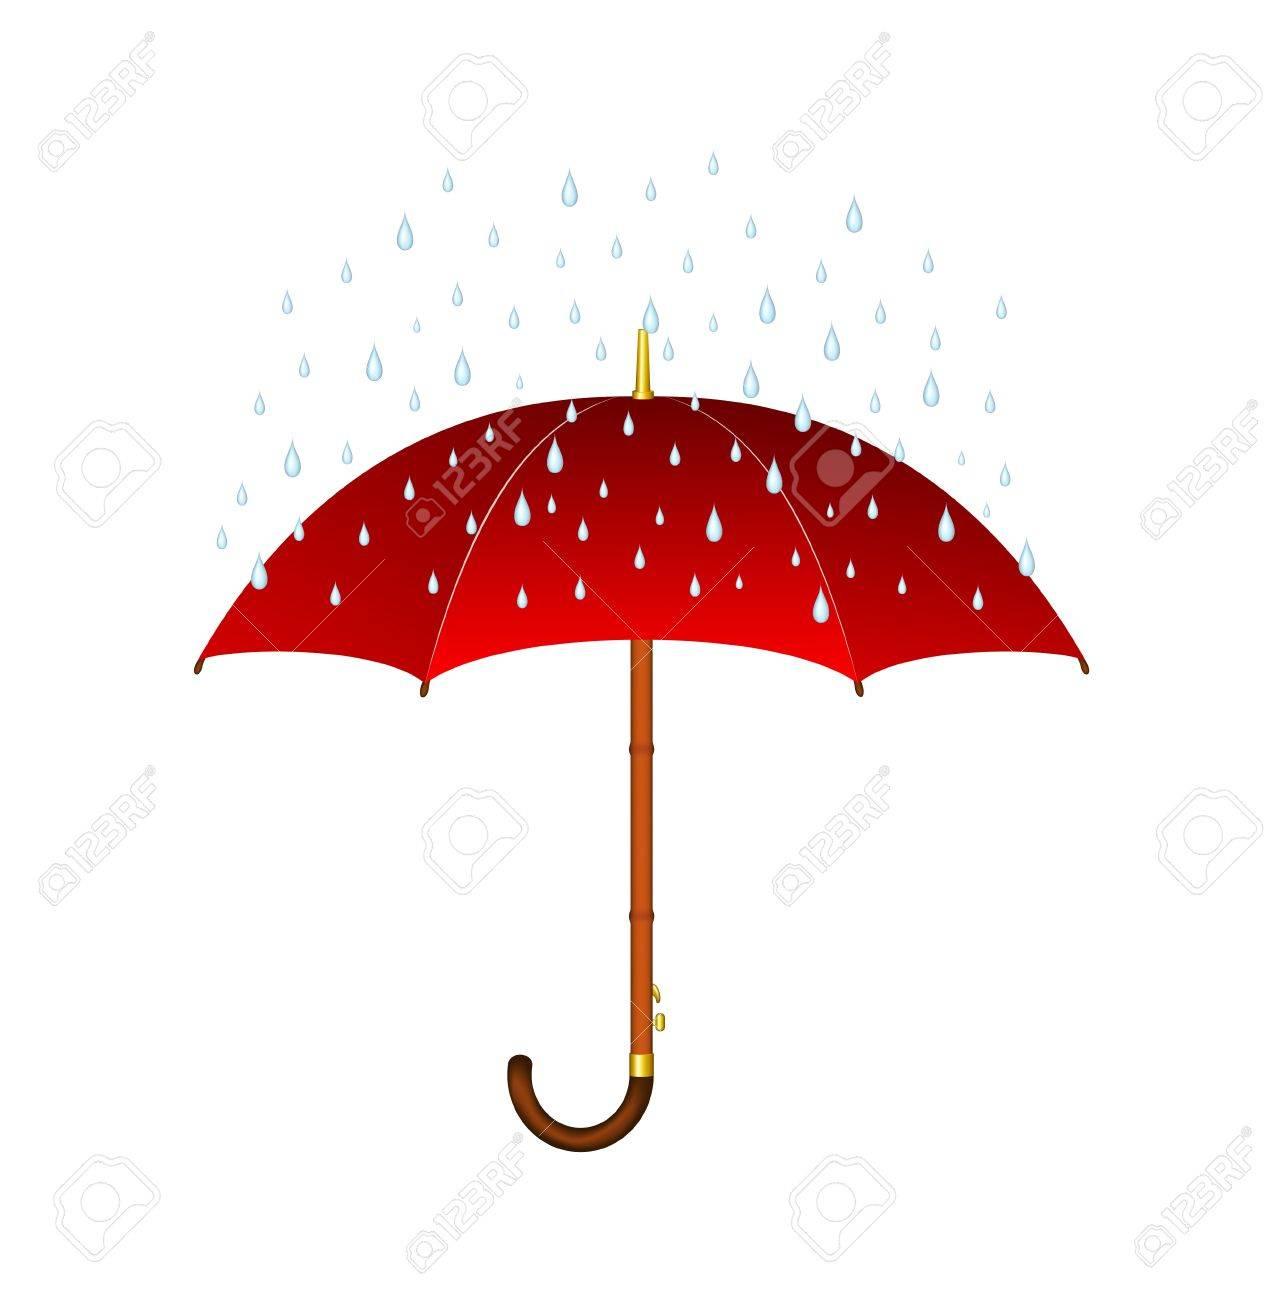 Umbrella In The Rain Clipart.